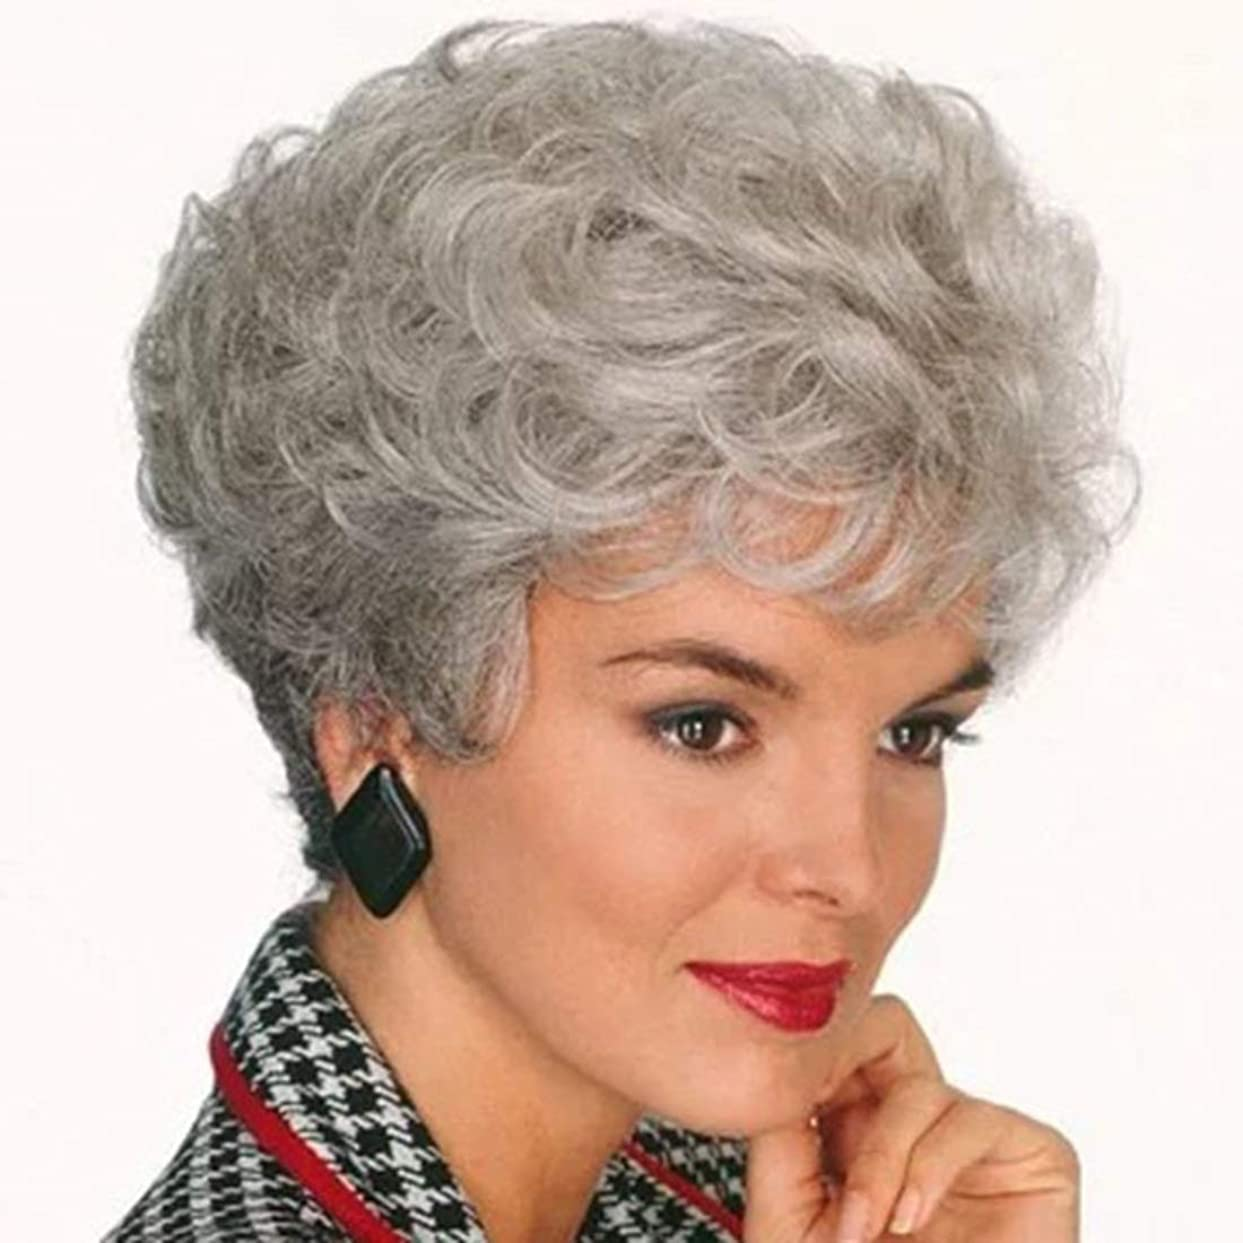 Koloeplf 女性用フルショートヘアウィッグまたは男性用ふわふわナチュラルかつらコスプレ用ウィッグ150g(ブラック/ダークブラウン/ライトブラウン/グレー)